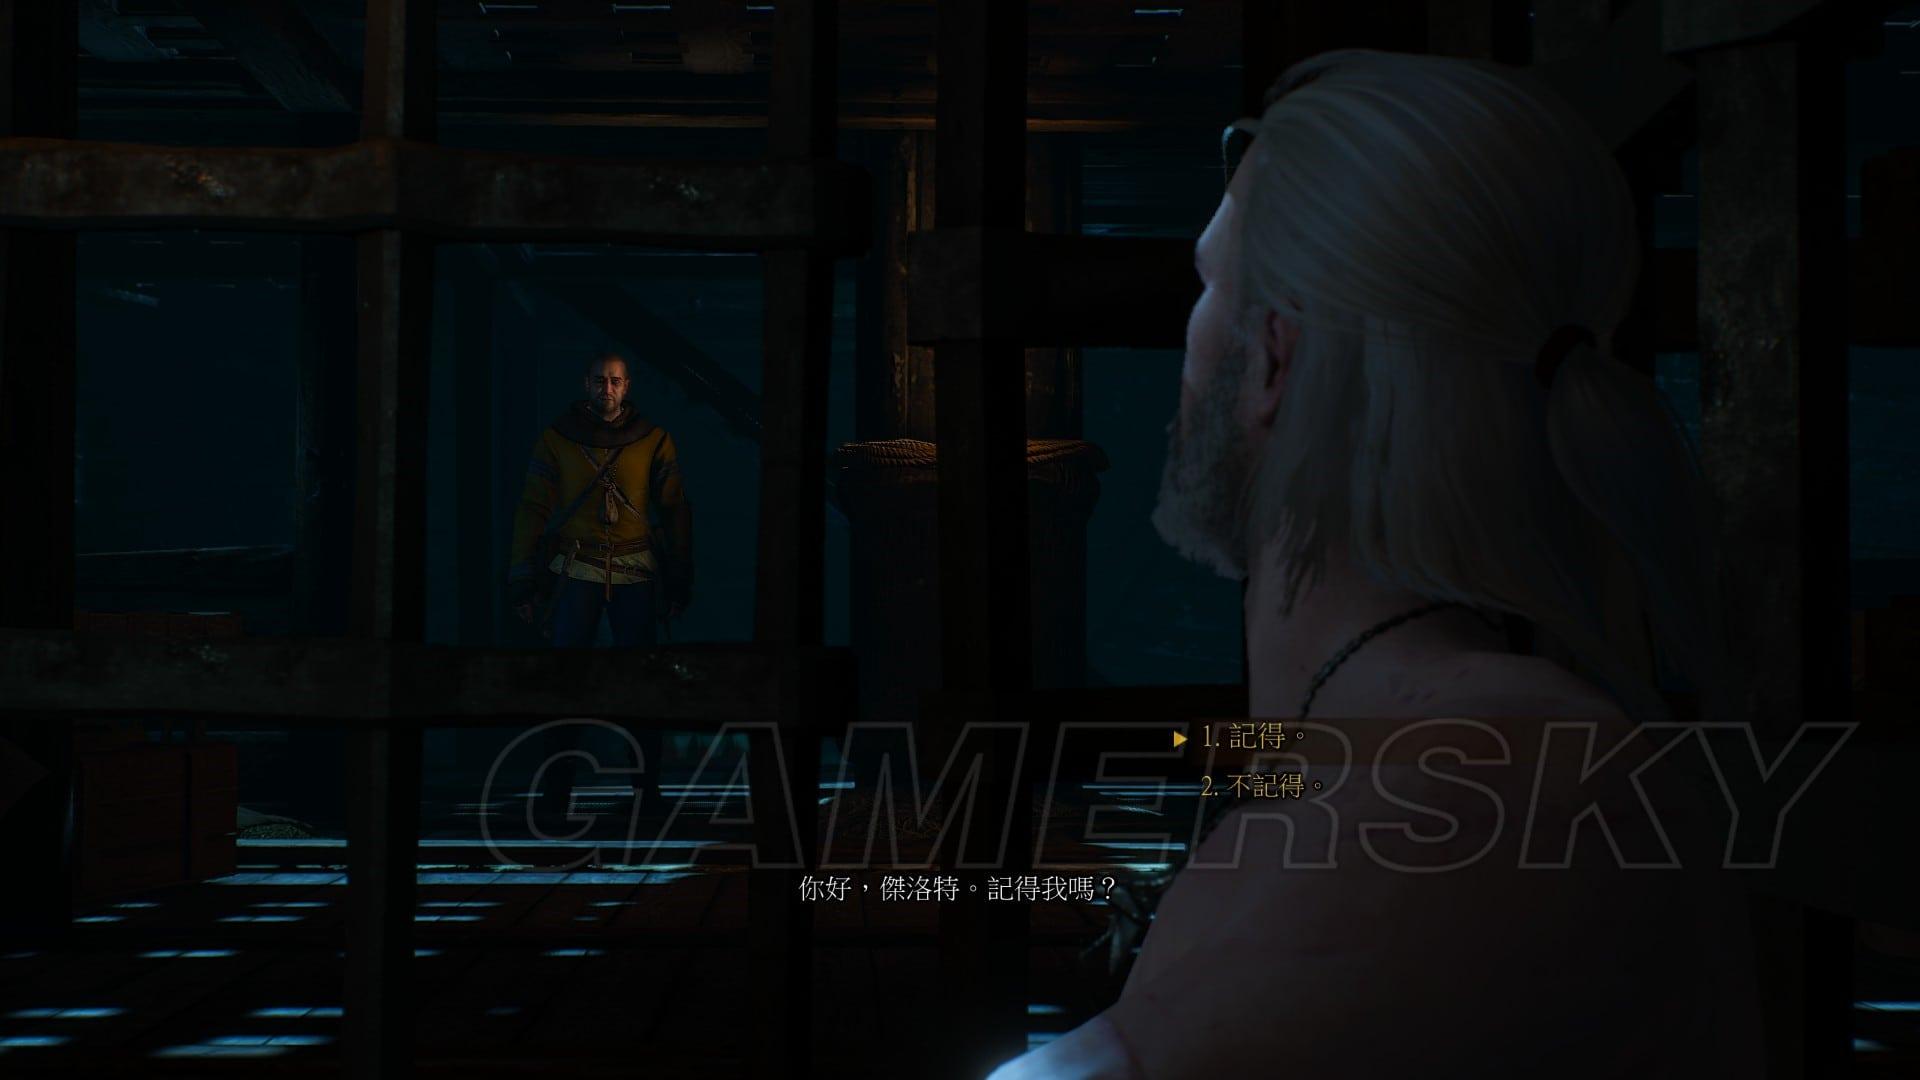 巫師3 鏡子大師到底是誰 關於鏡子大師的細節揭秘